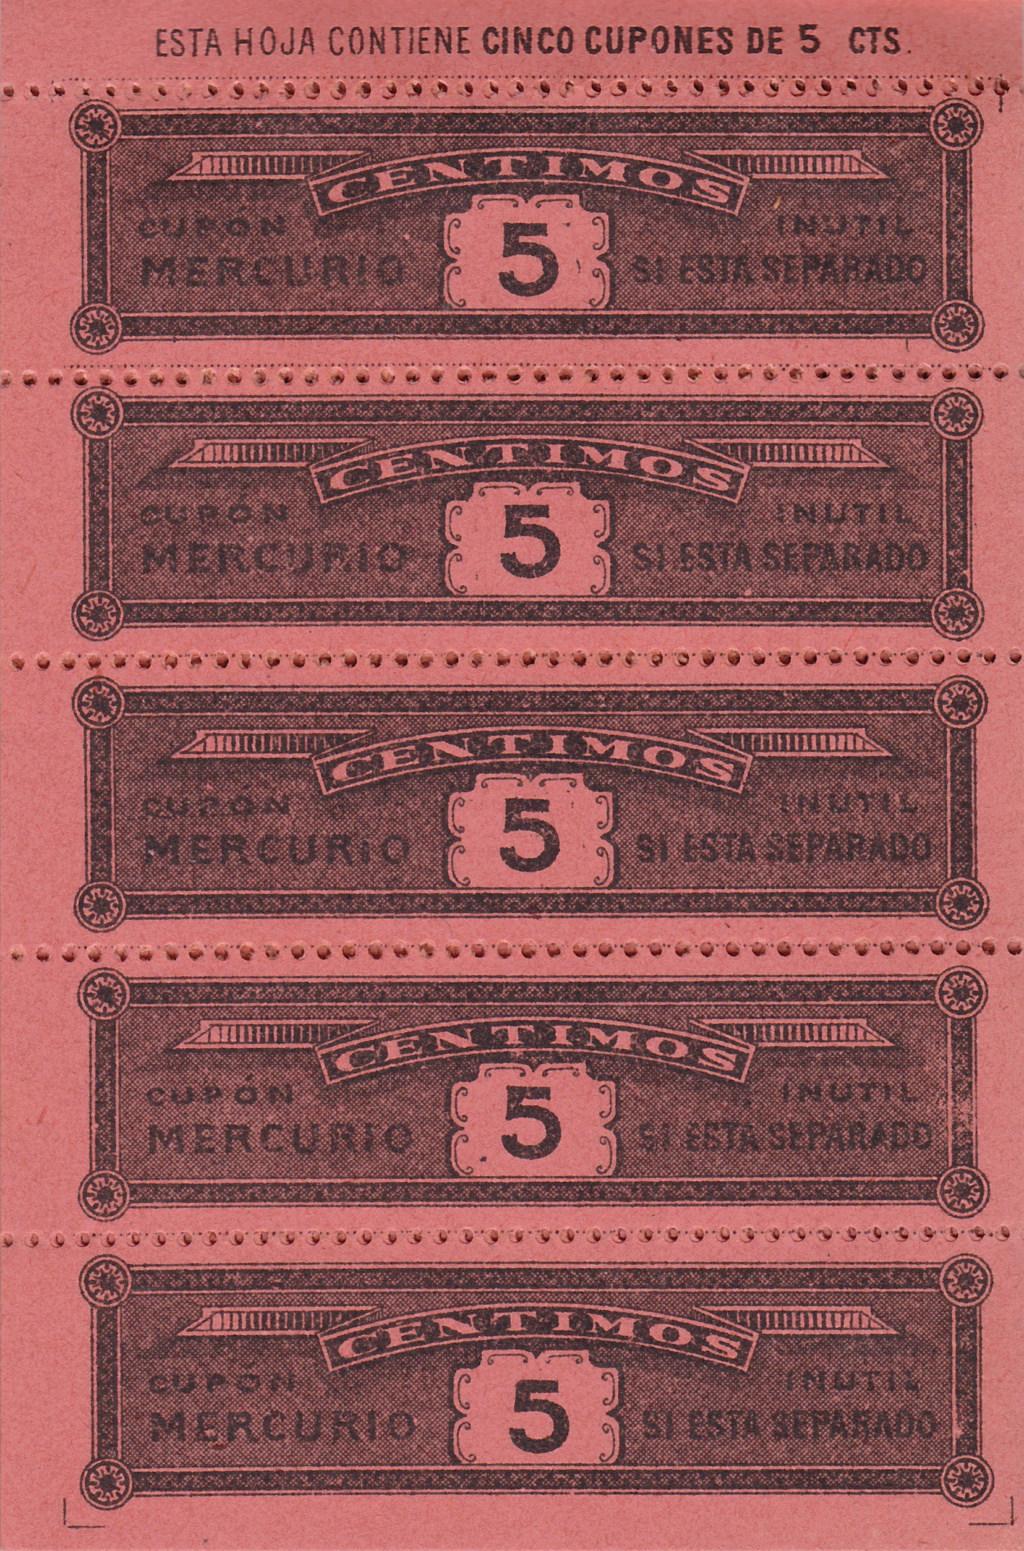 Cuaderno de Crédito Mercurio Cuader13